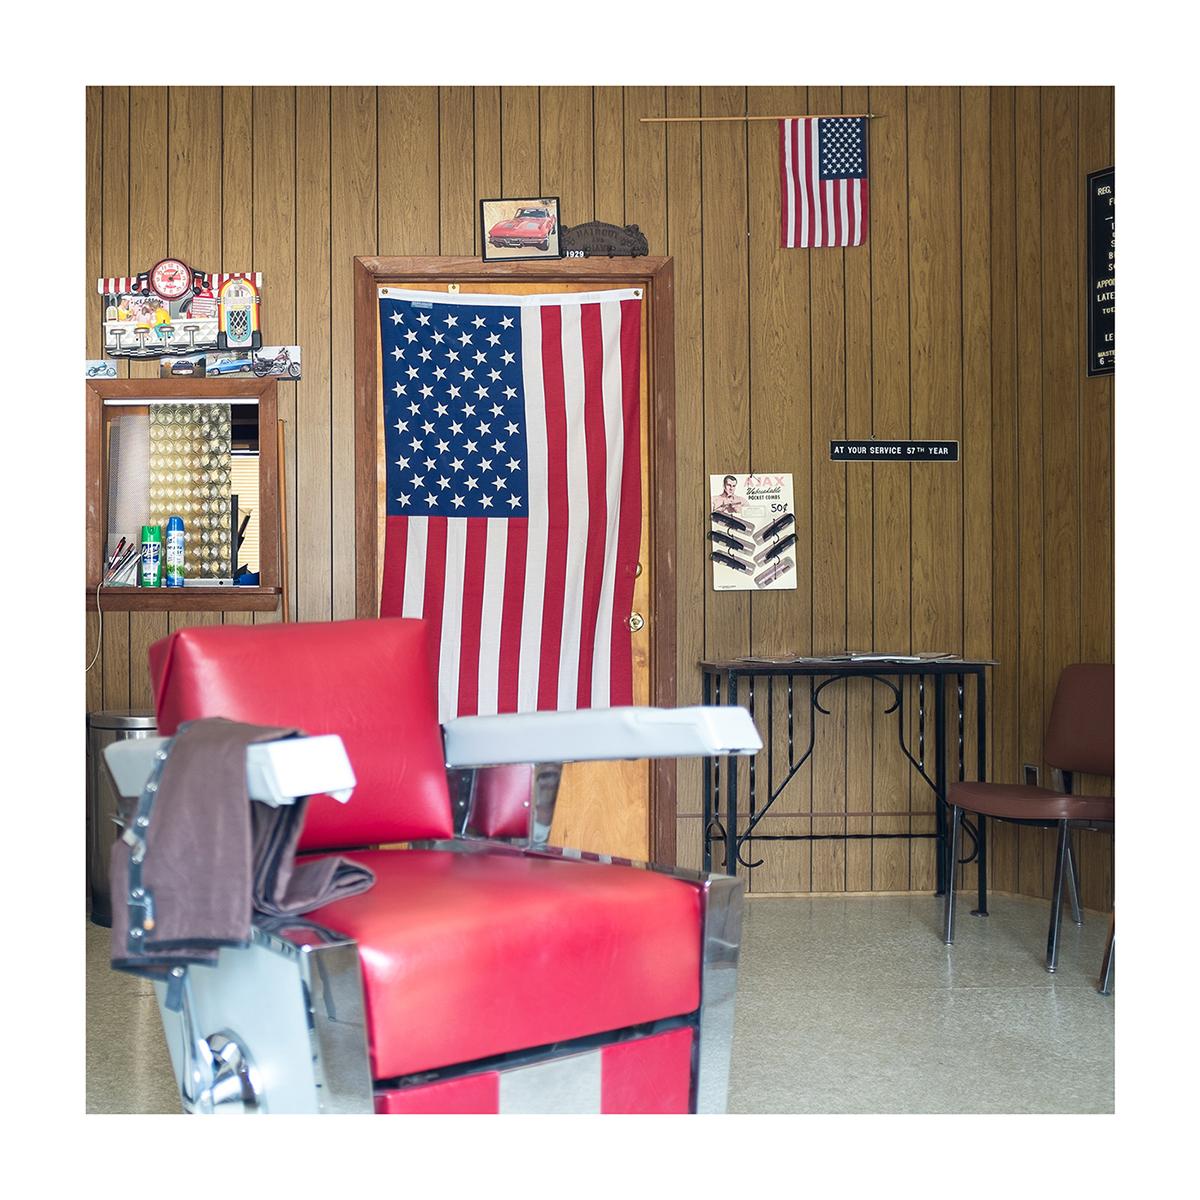 AmericanSquares_9